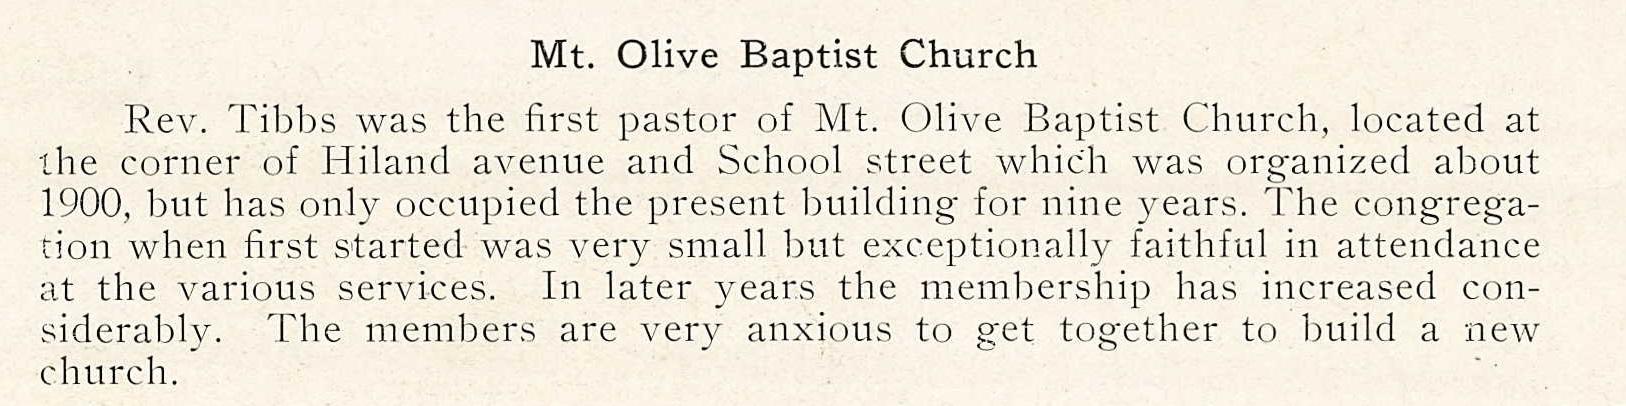 Mt Olive Baptist Church - 1924 Coraopolis HS Review (108).jpg